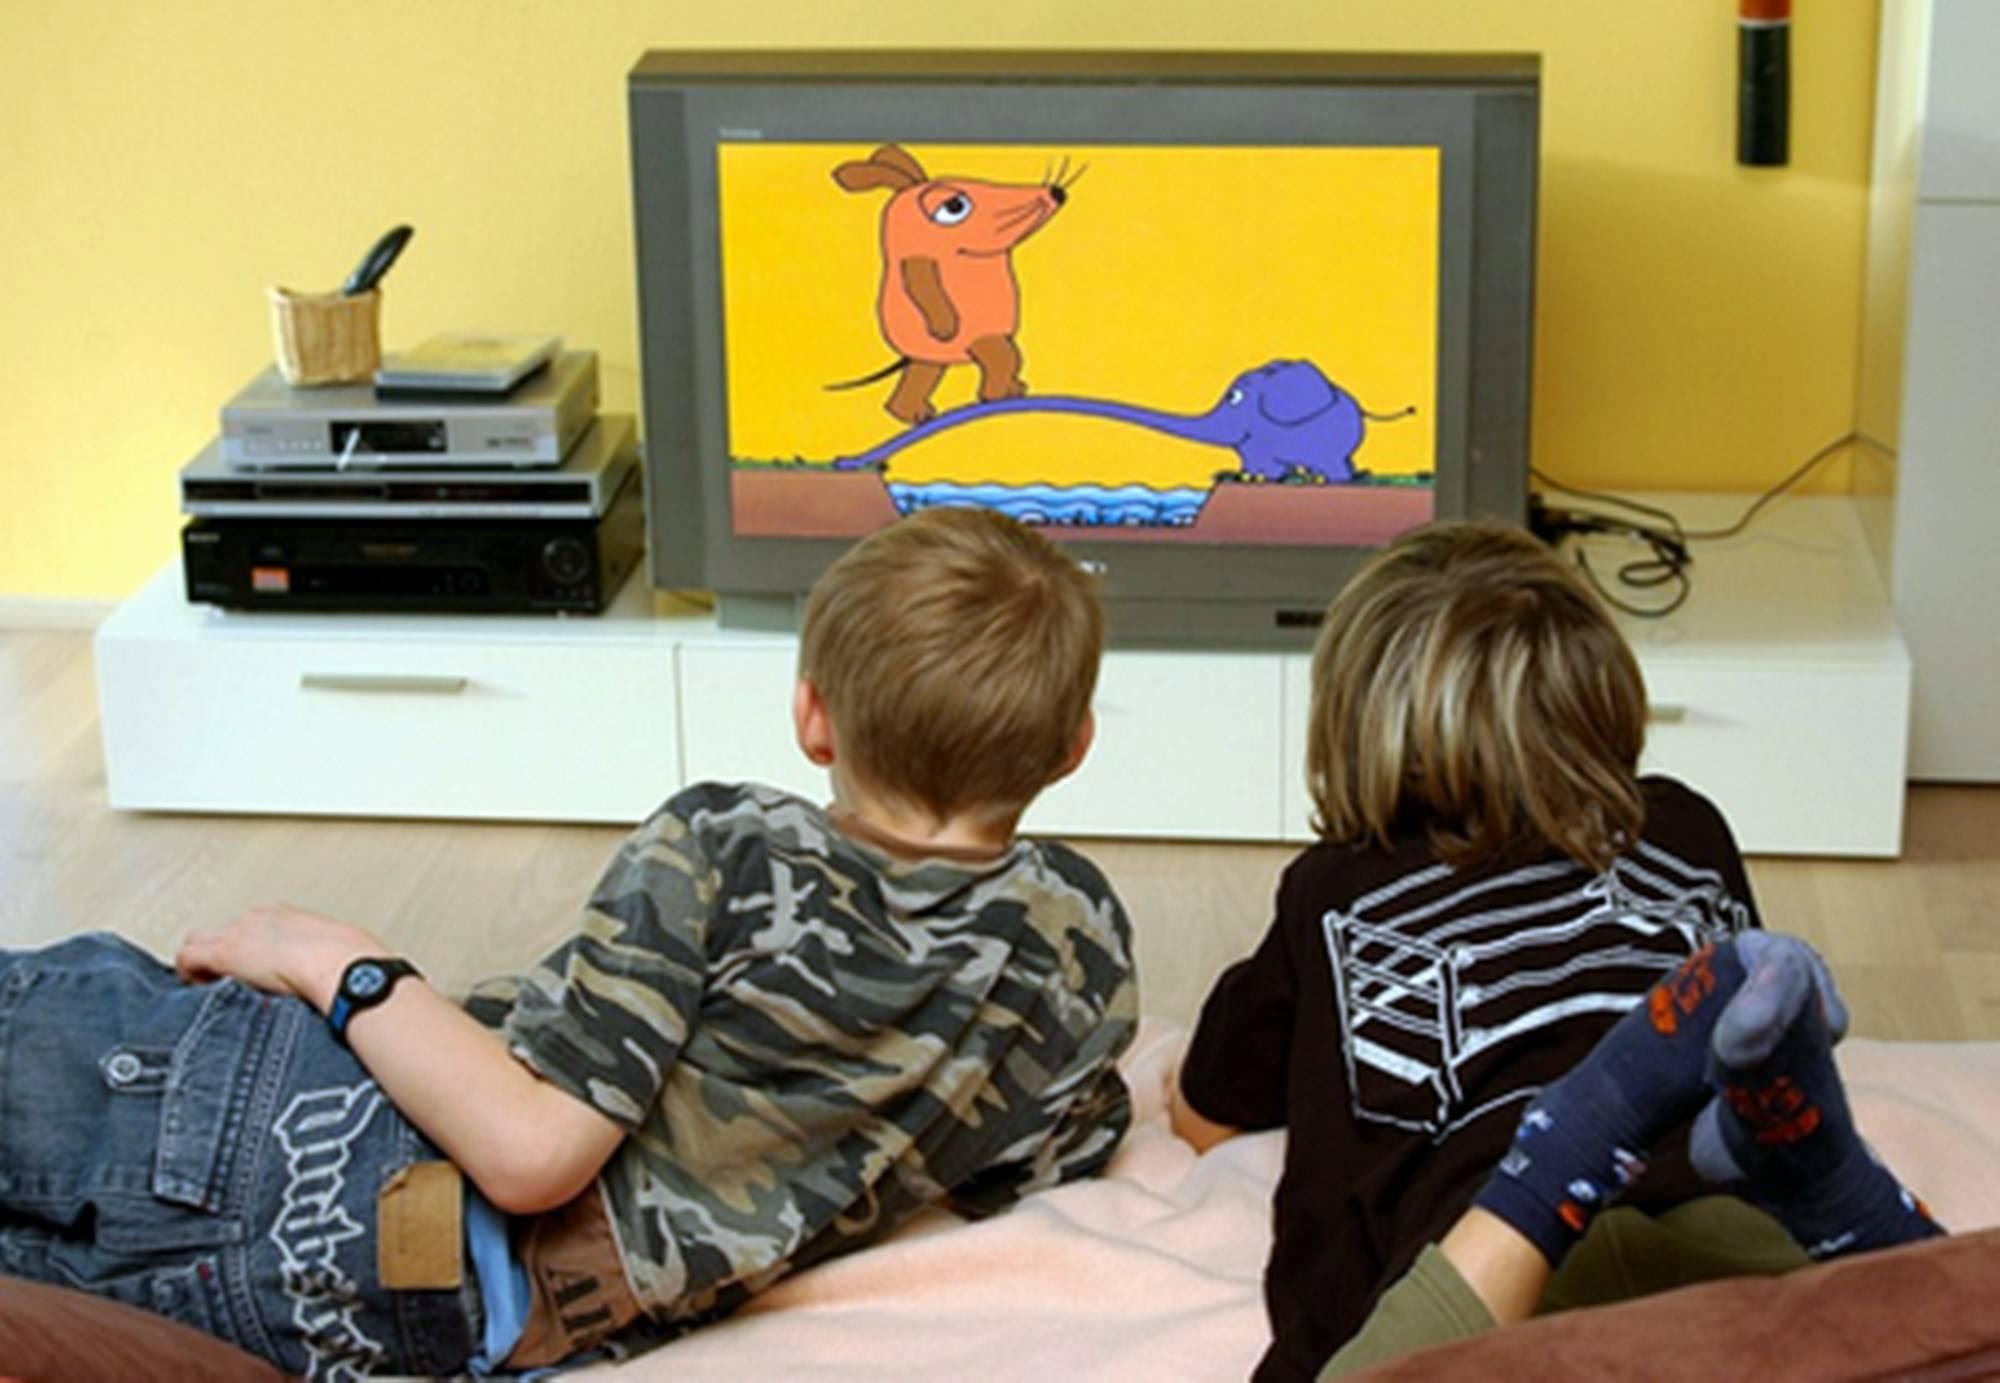 老人成天带孩子看电视 老人整天看电视影响孩子